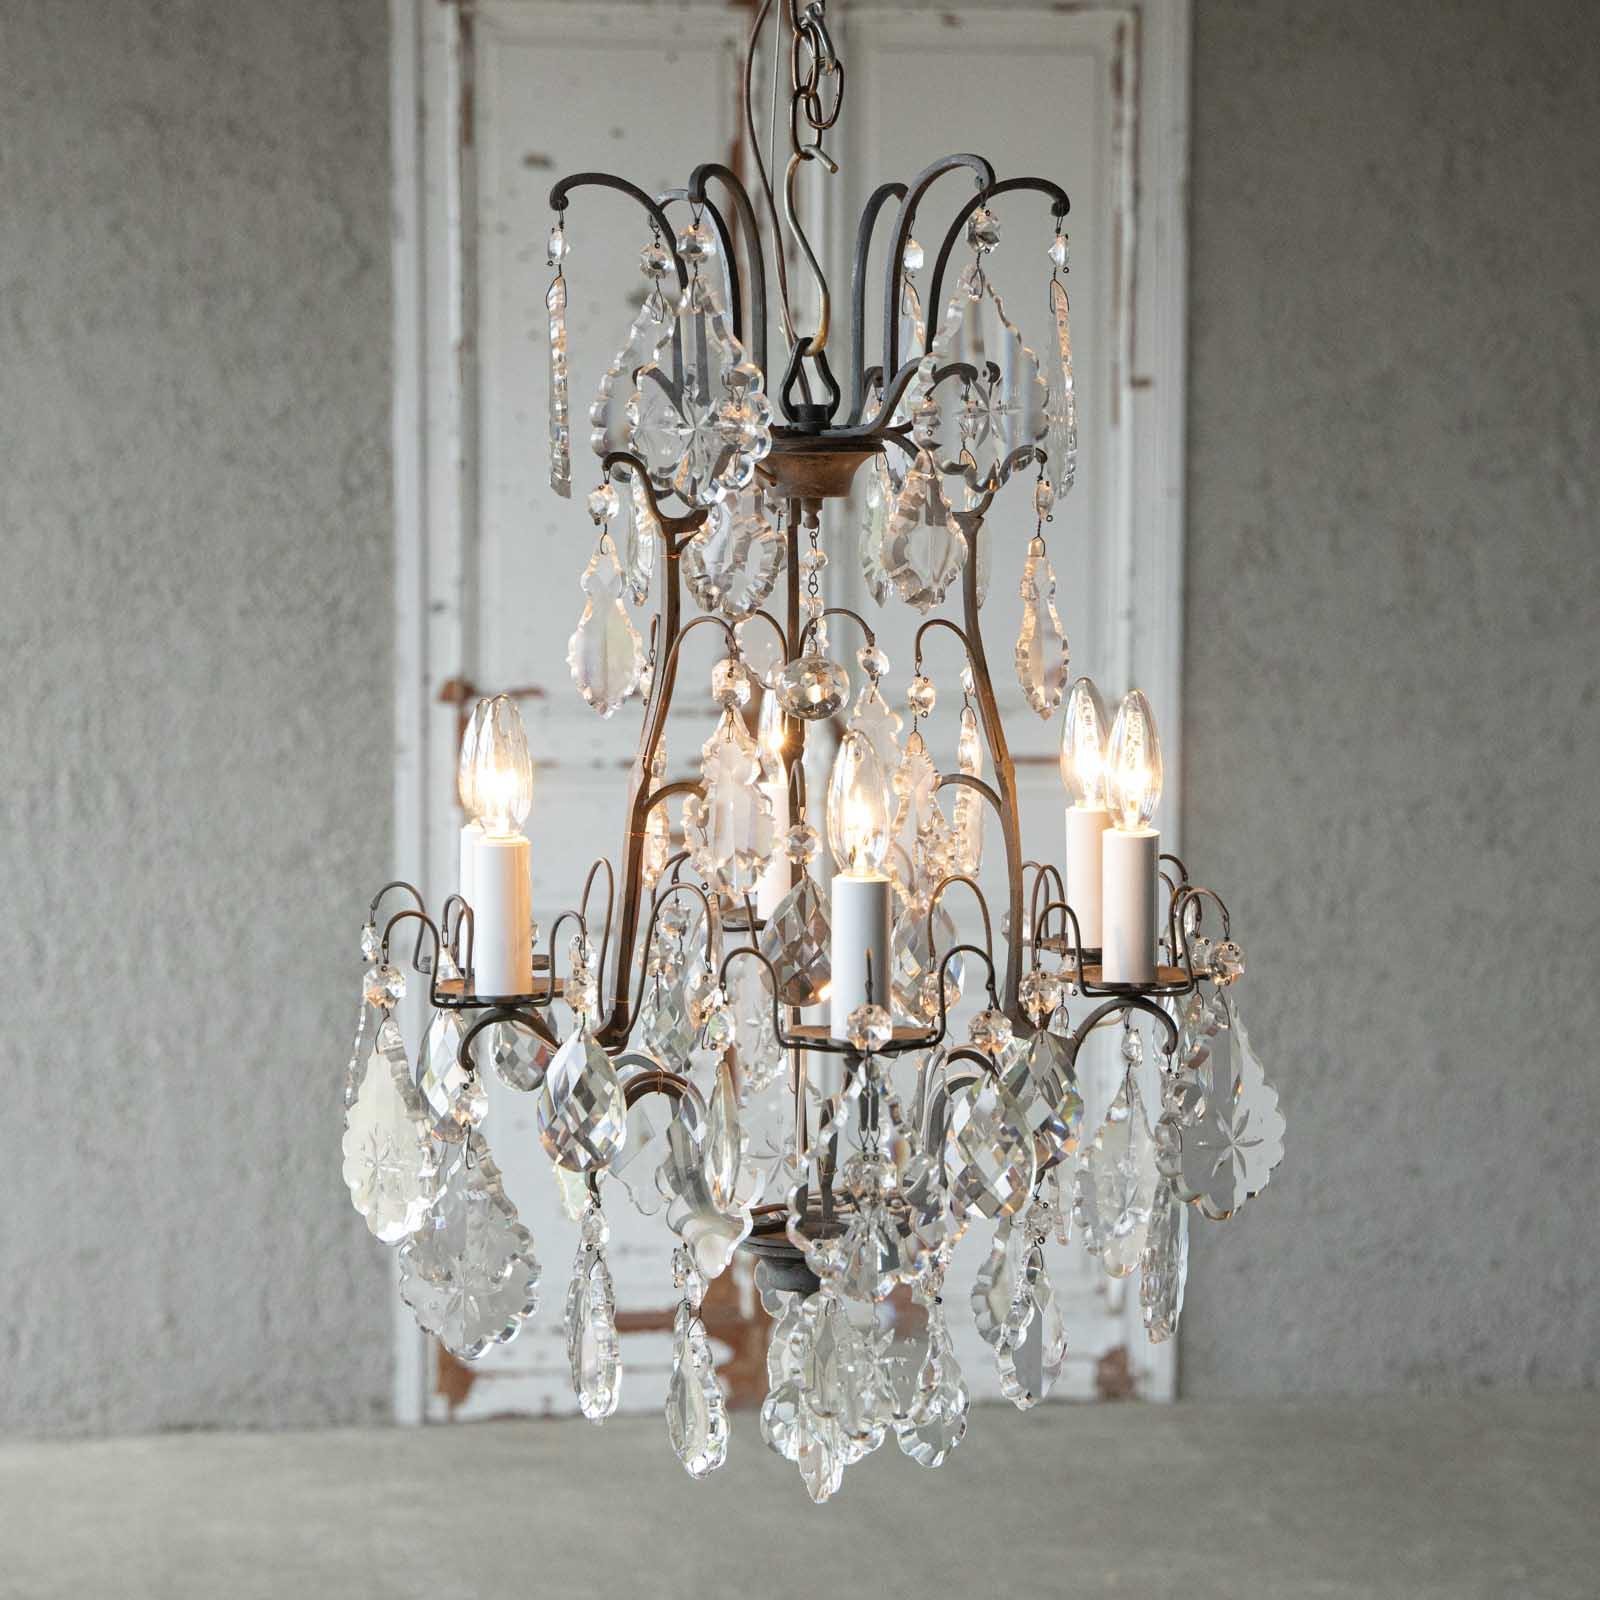 上品なデザインの真鍮のフレームにリーフ型の華やかなガラスが煌めくイタリアンシャンデリア 6灯 /直付け・直配線仕様